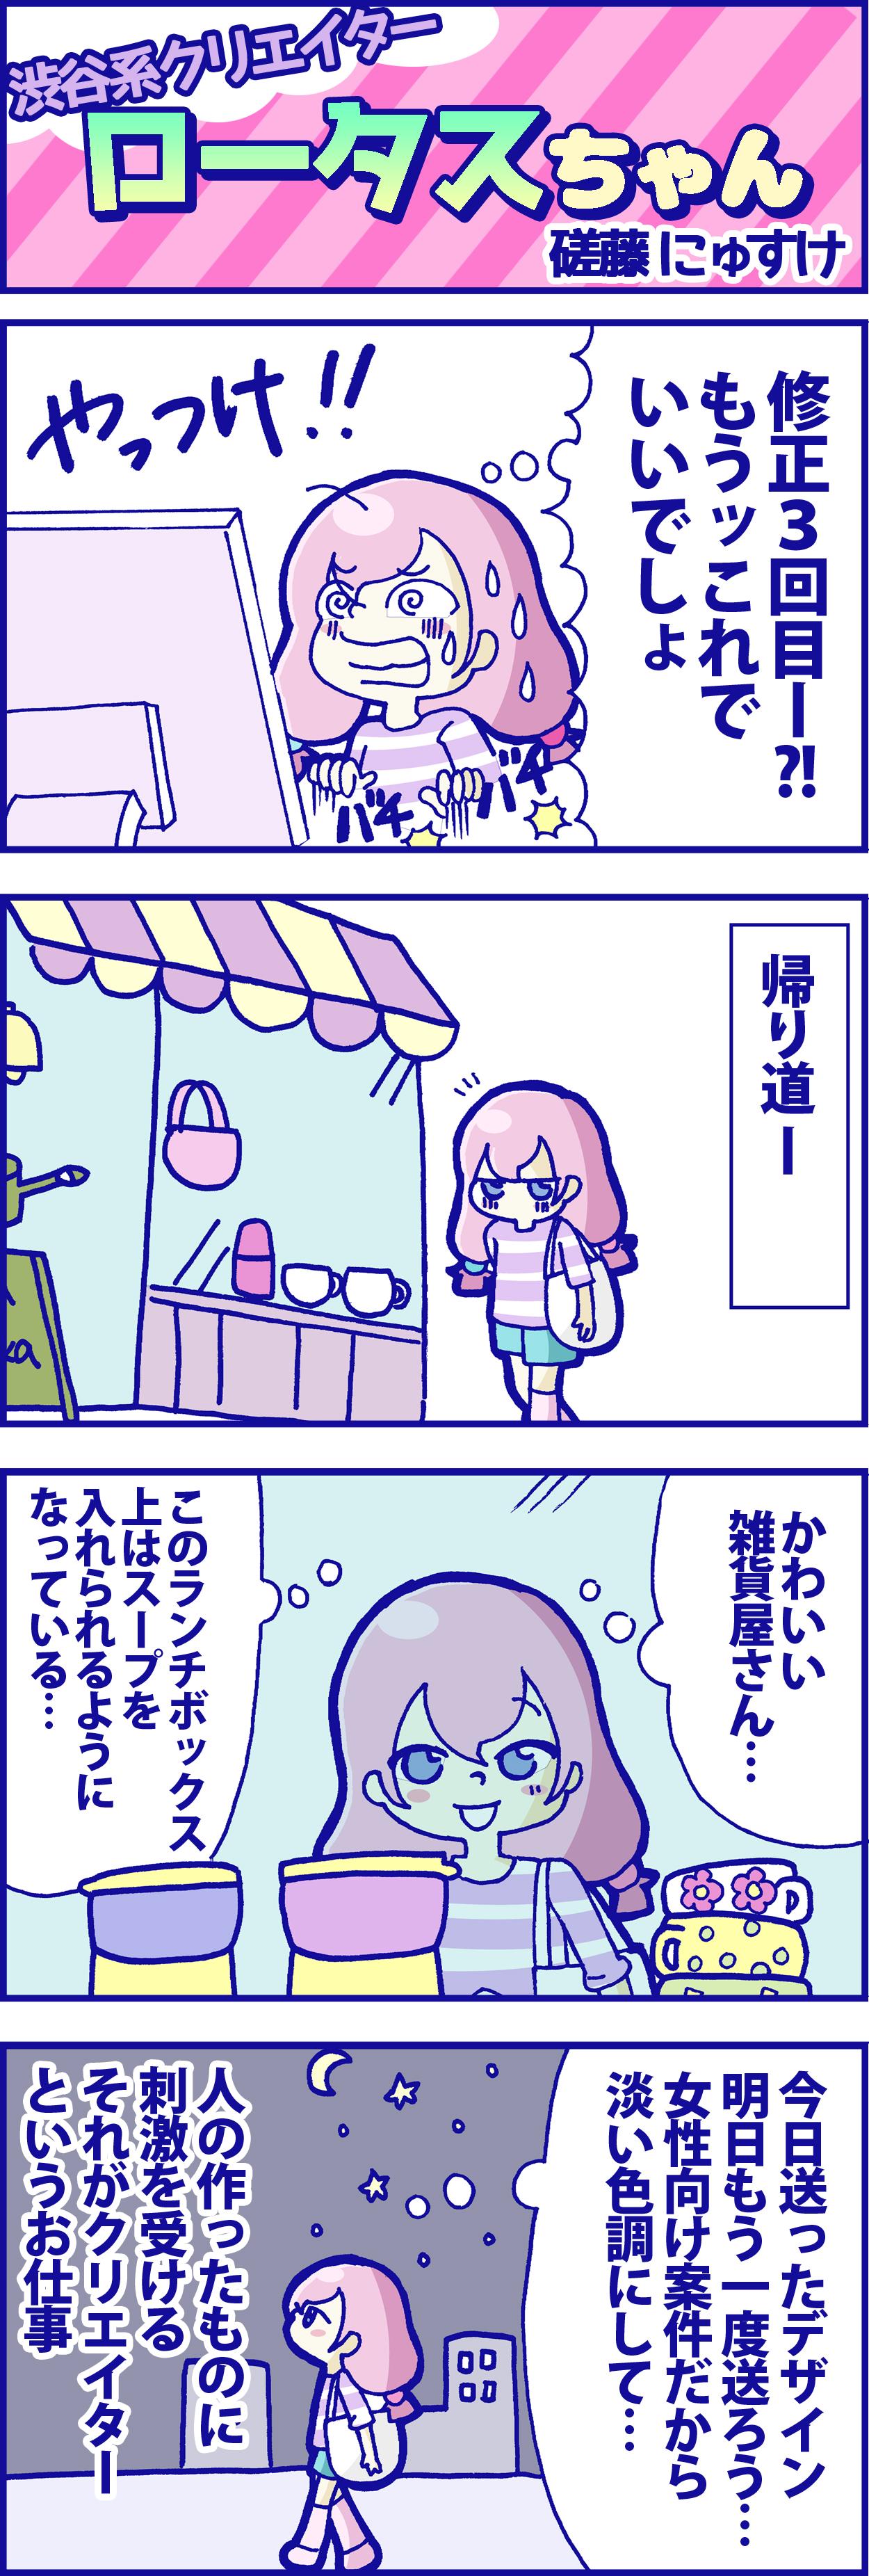 渋谷系クリエイターロータスちゃん #5 磋藤にゅすけ